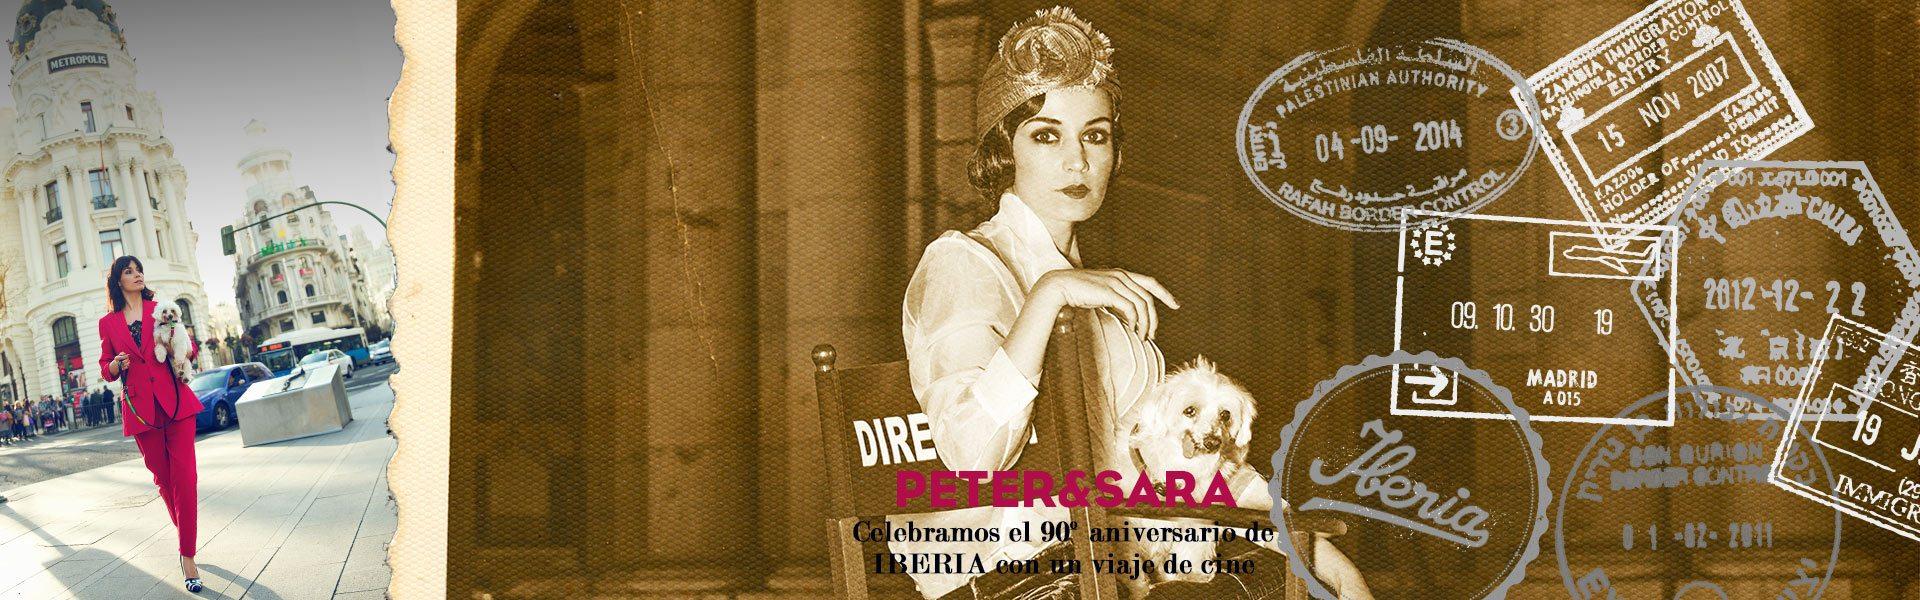 Sara-Rivero-Actriz-y-directora-de-cine-con-su-mascota-Peter-con-Iberia-Aristopet